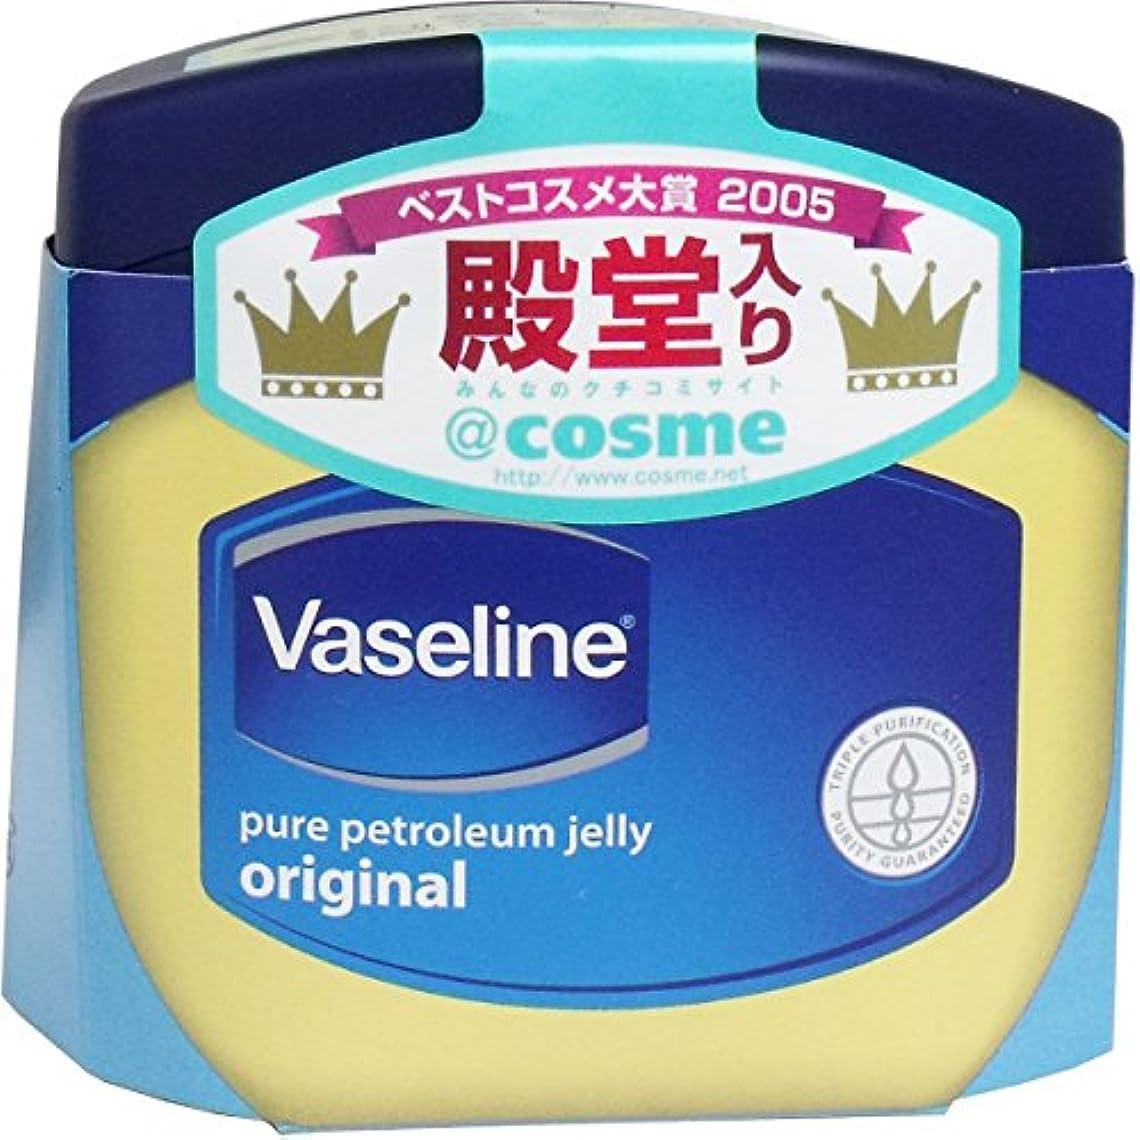 矩形から聞く遺伝子【Vaseline】ヴァセリン ピュアスキンジェリー (スキンオイル) 200g ×20個セット